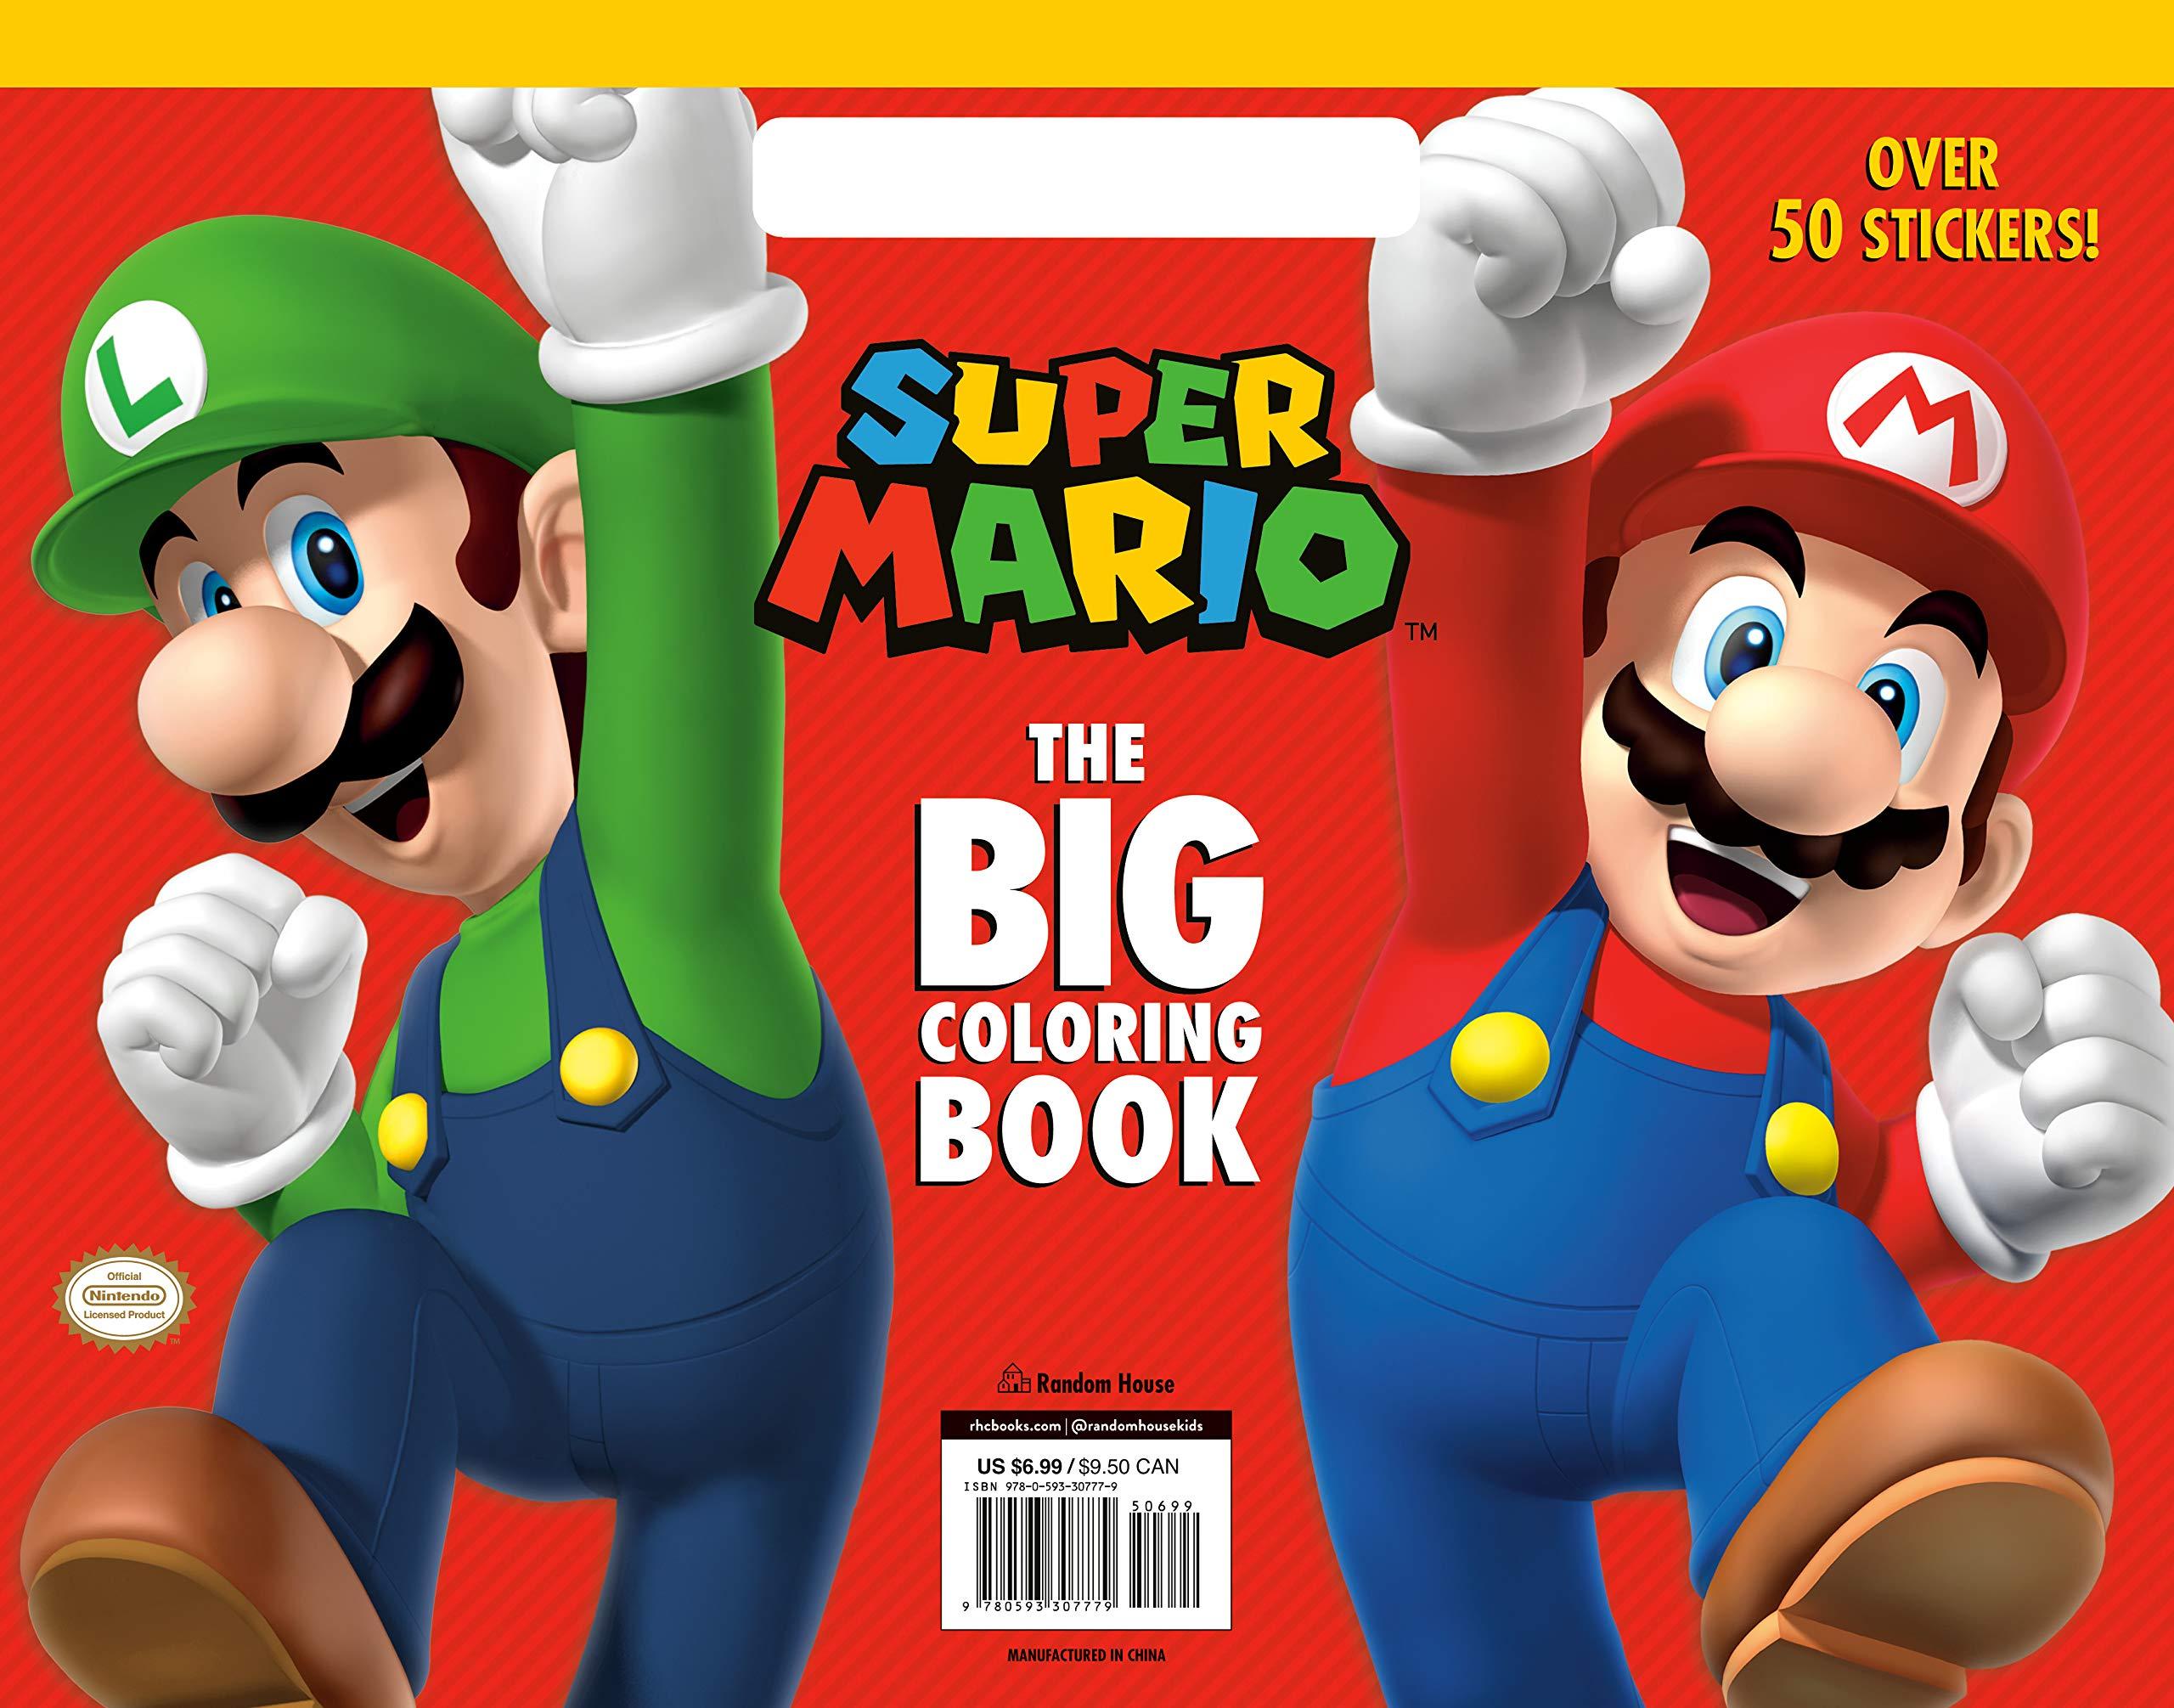 Super Mario The Big Coloring Book Nintendo Random House Random House 9780593307779 Amazon Com Books